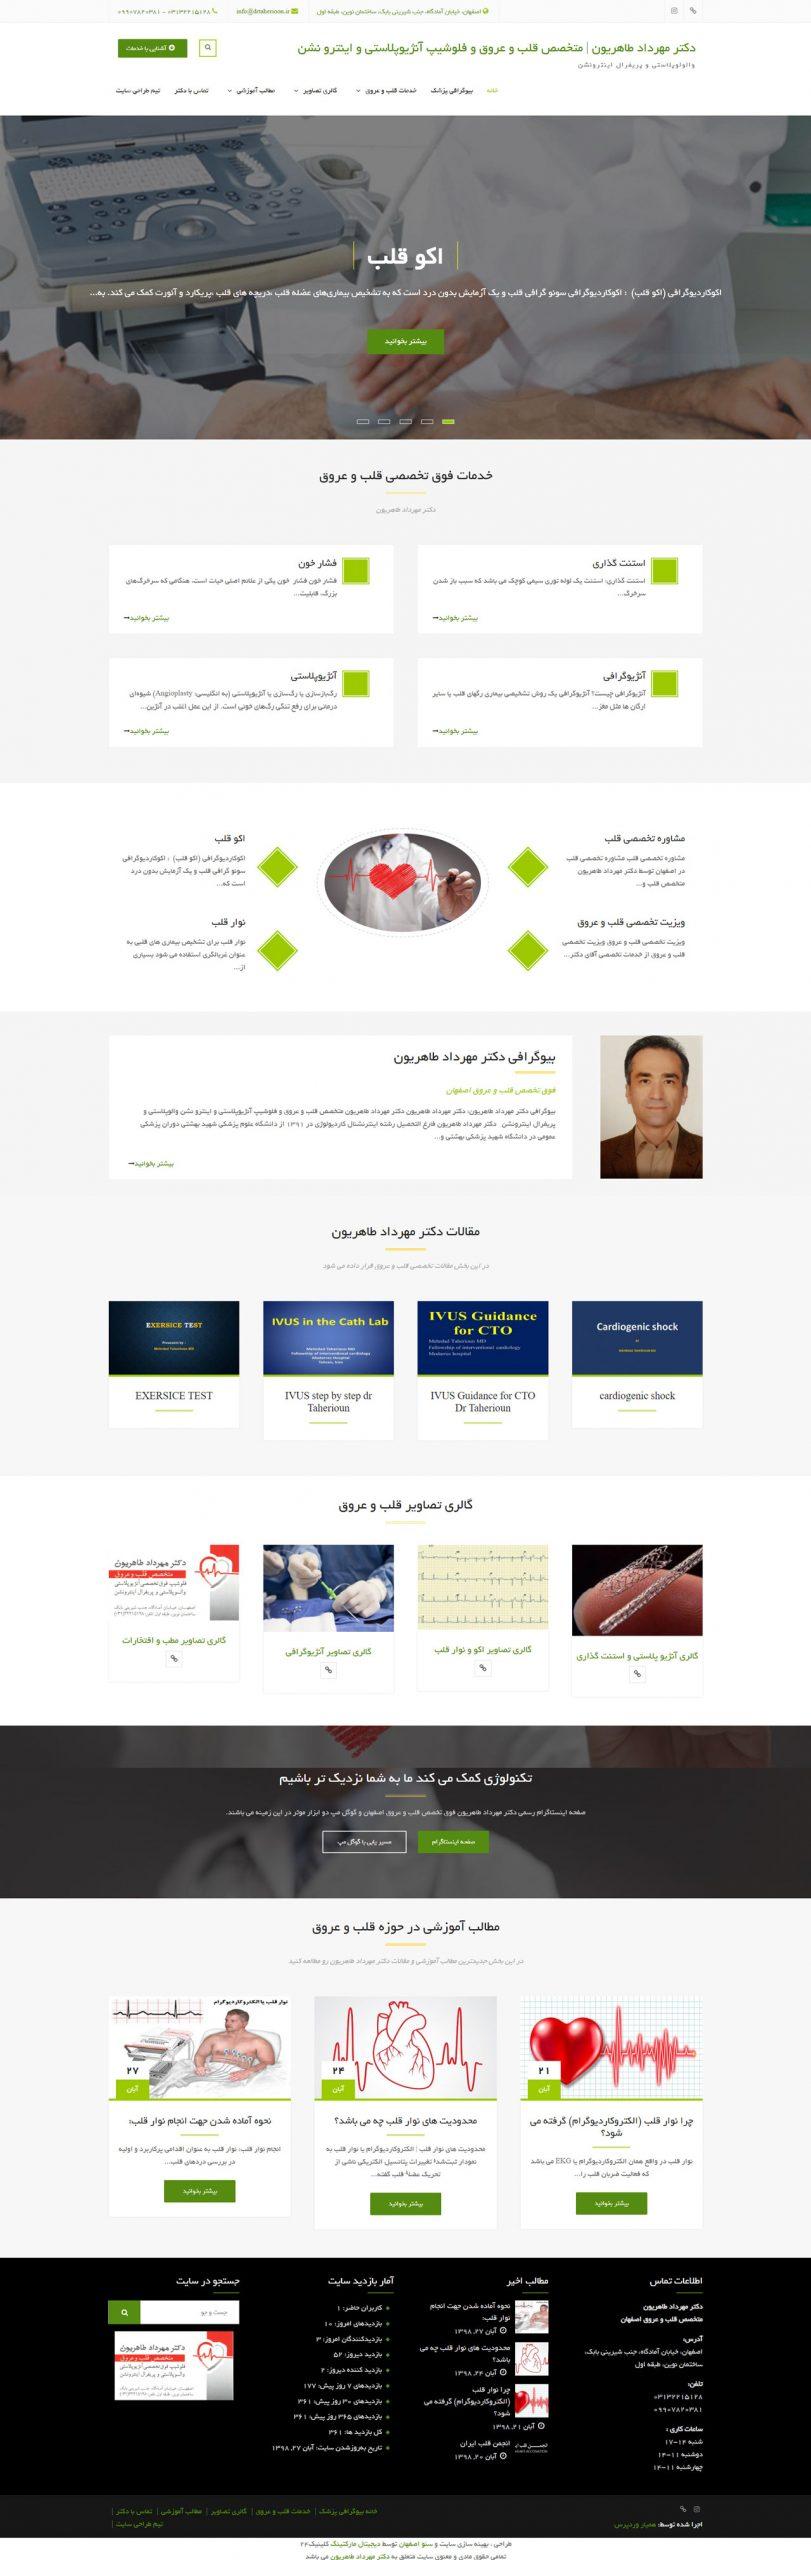 طراحی سایت متخصص قلب